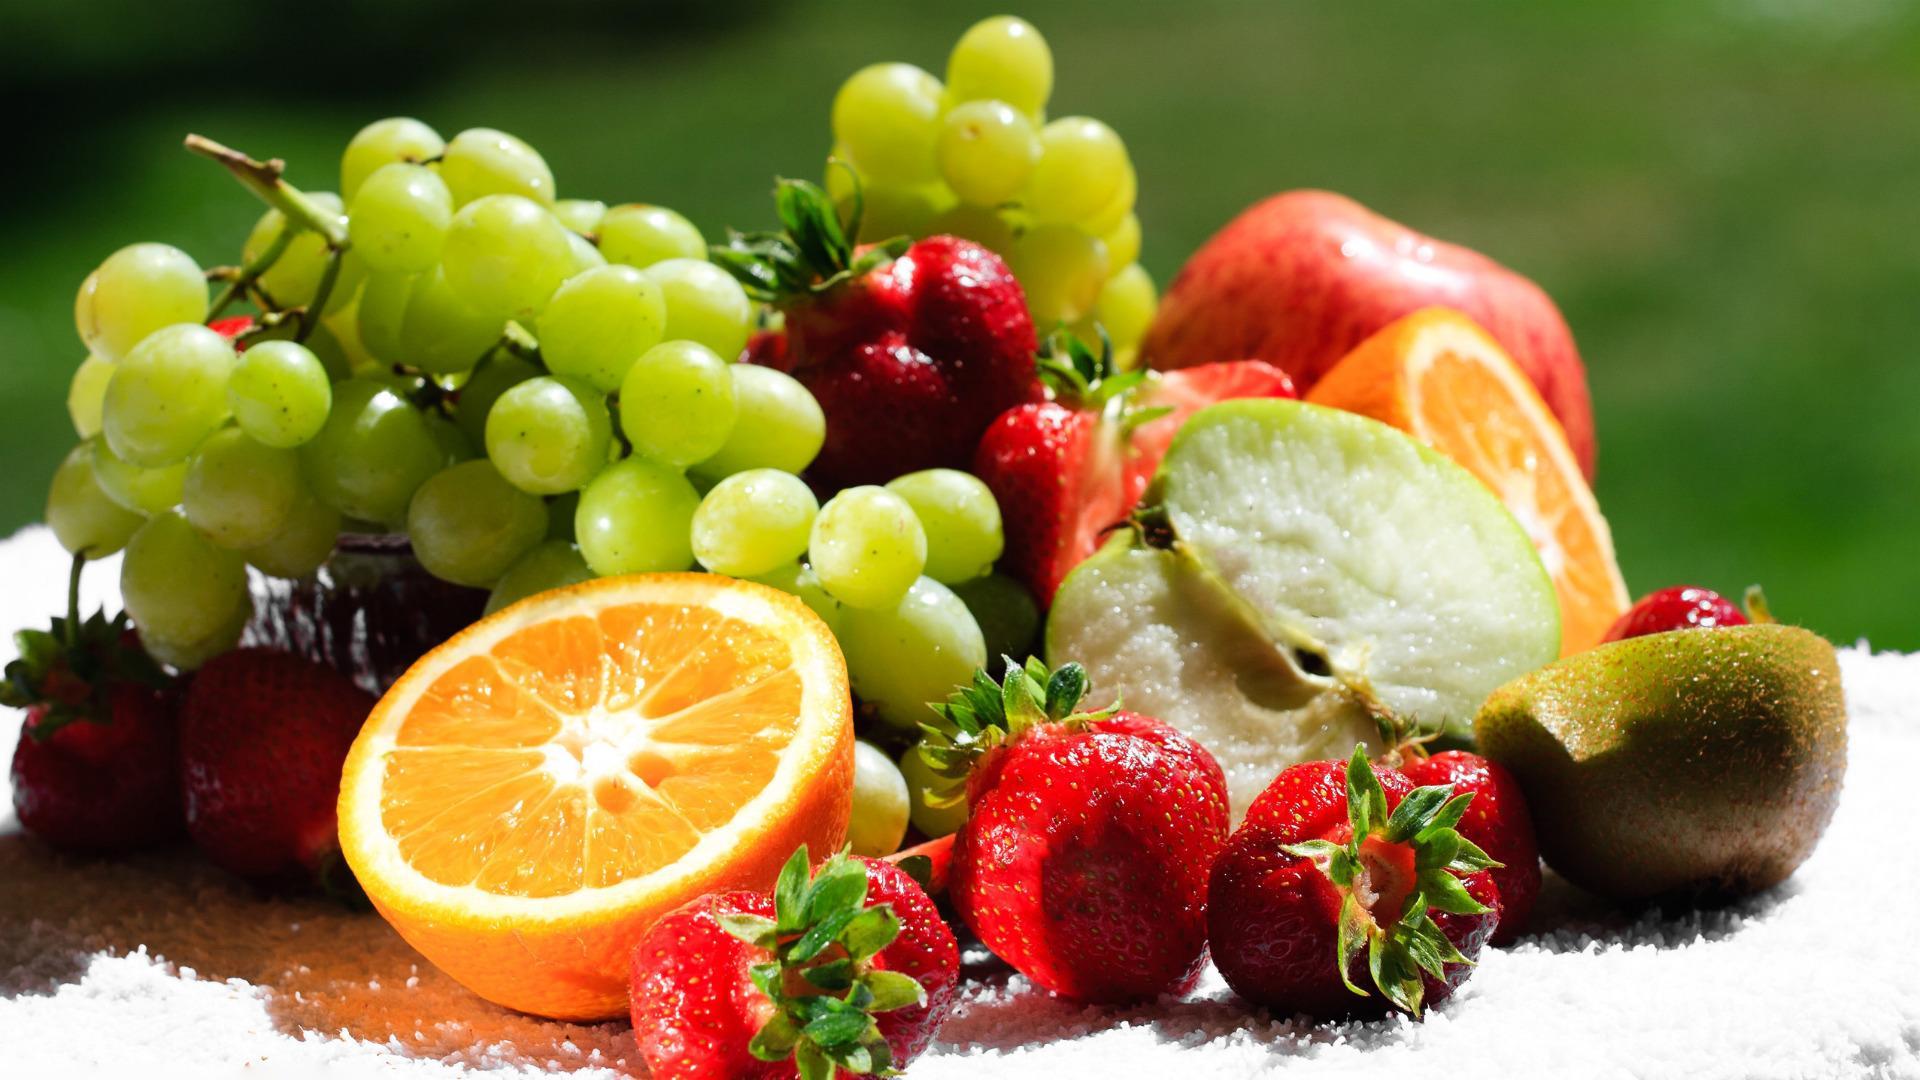 Какие фрукты можно есть при сахарном диабете 2 типа, и какие нельзя?